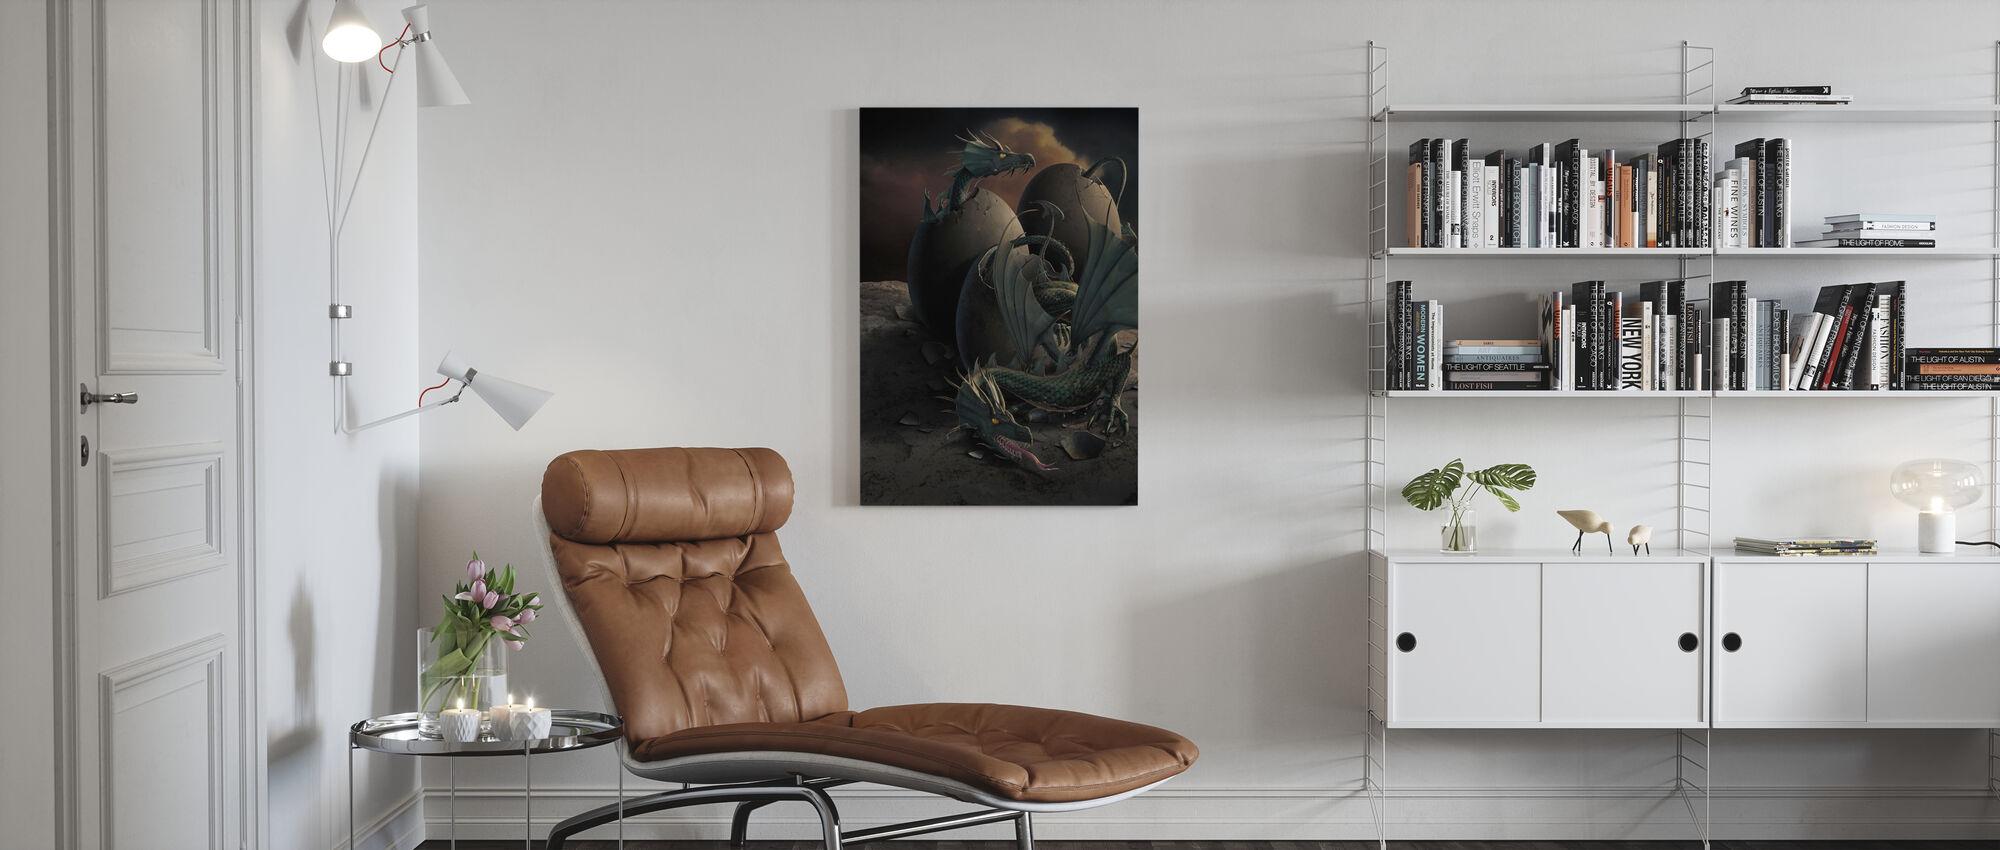 Lohikäärmeen jälkeläinen - Canvastaulu - Olohuone